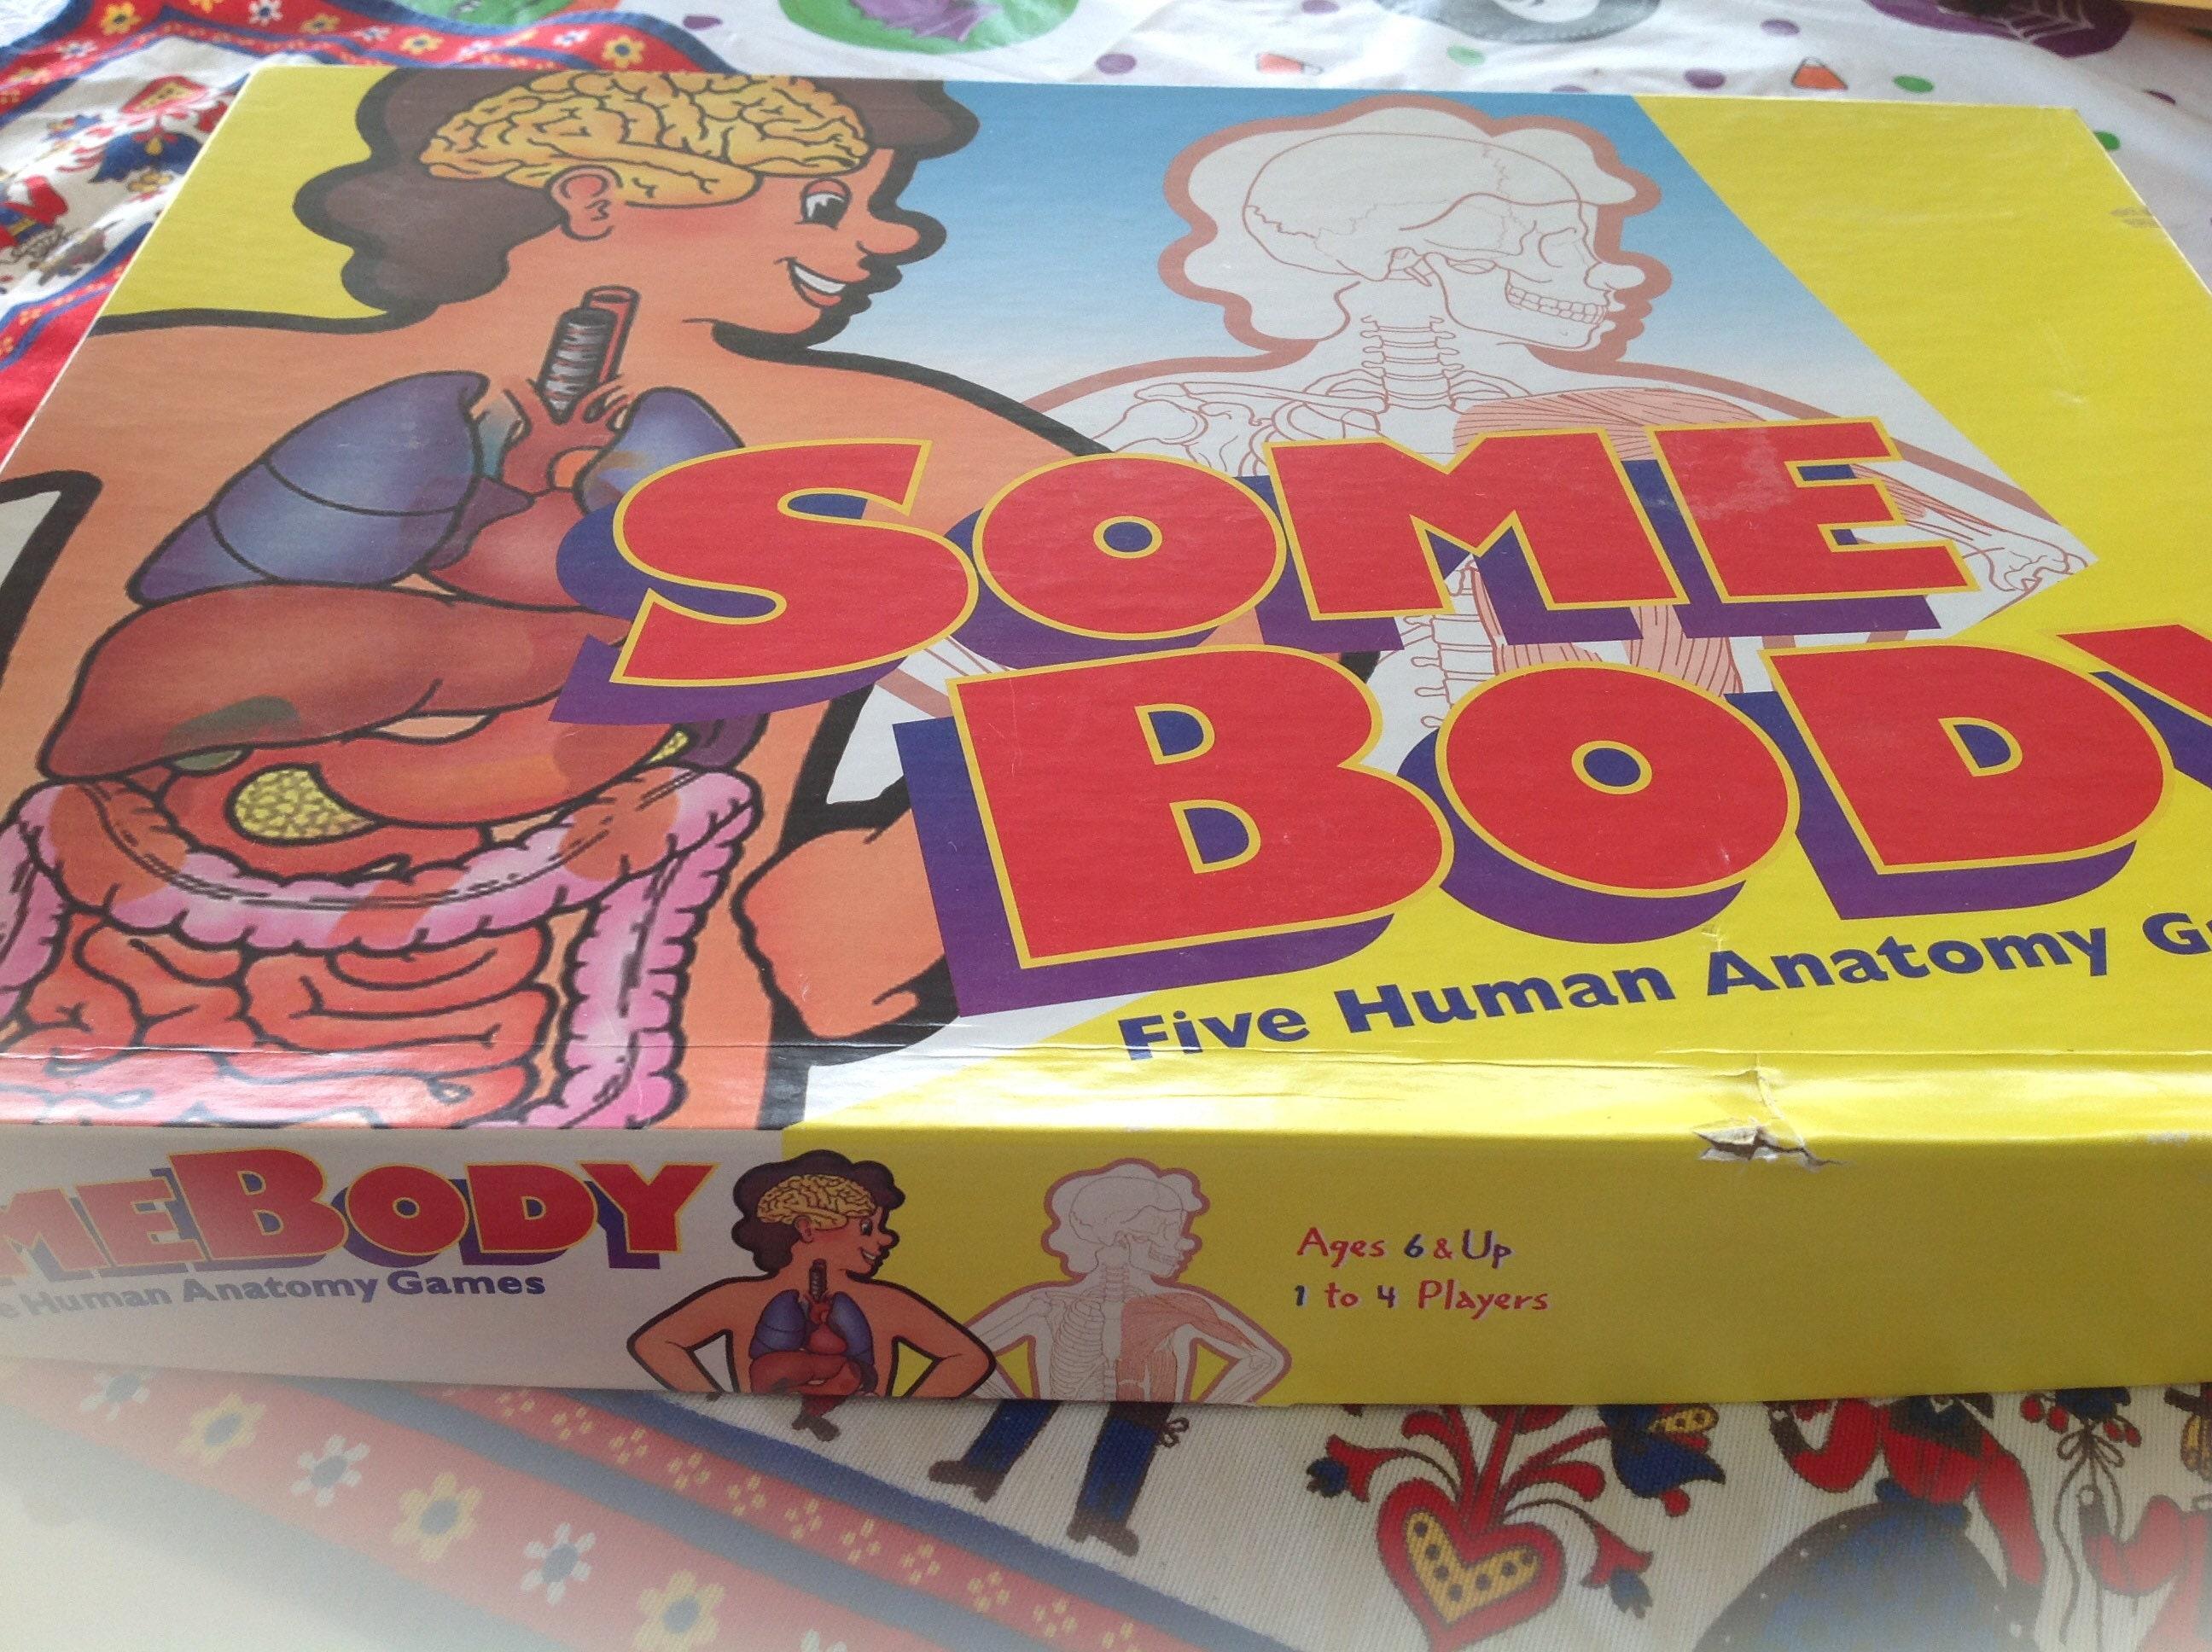 Somebody The Human Anatomy Game Etsy